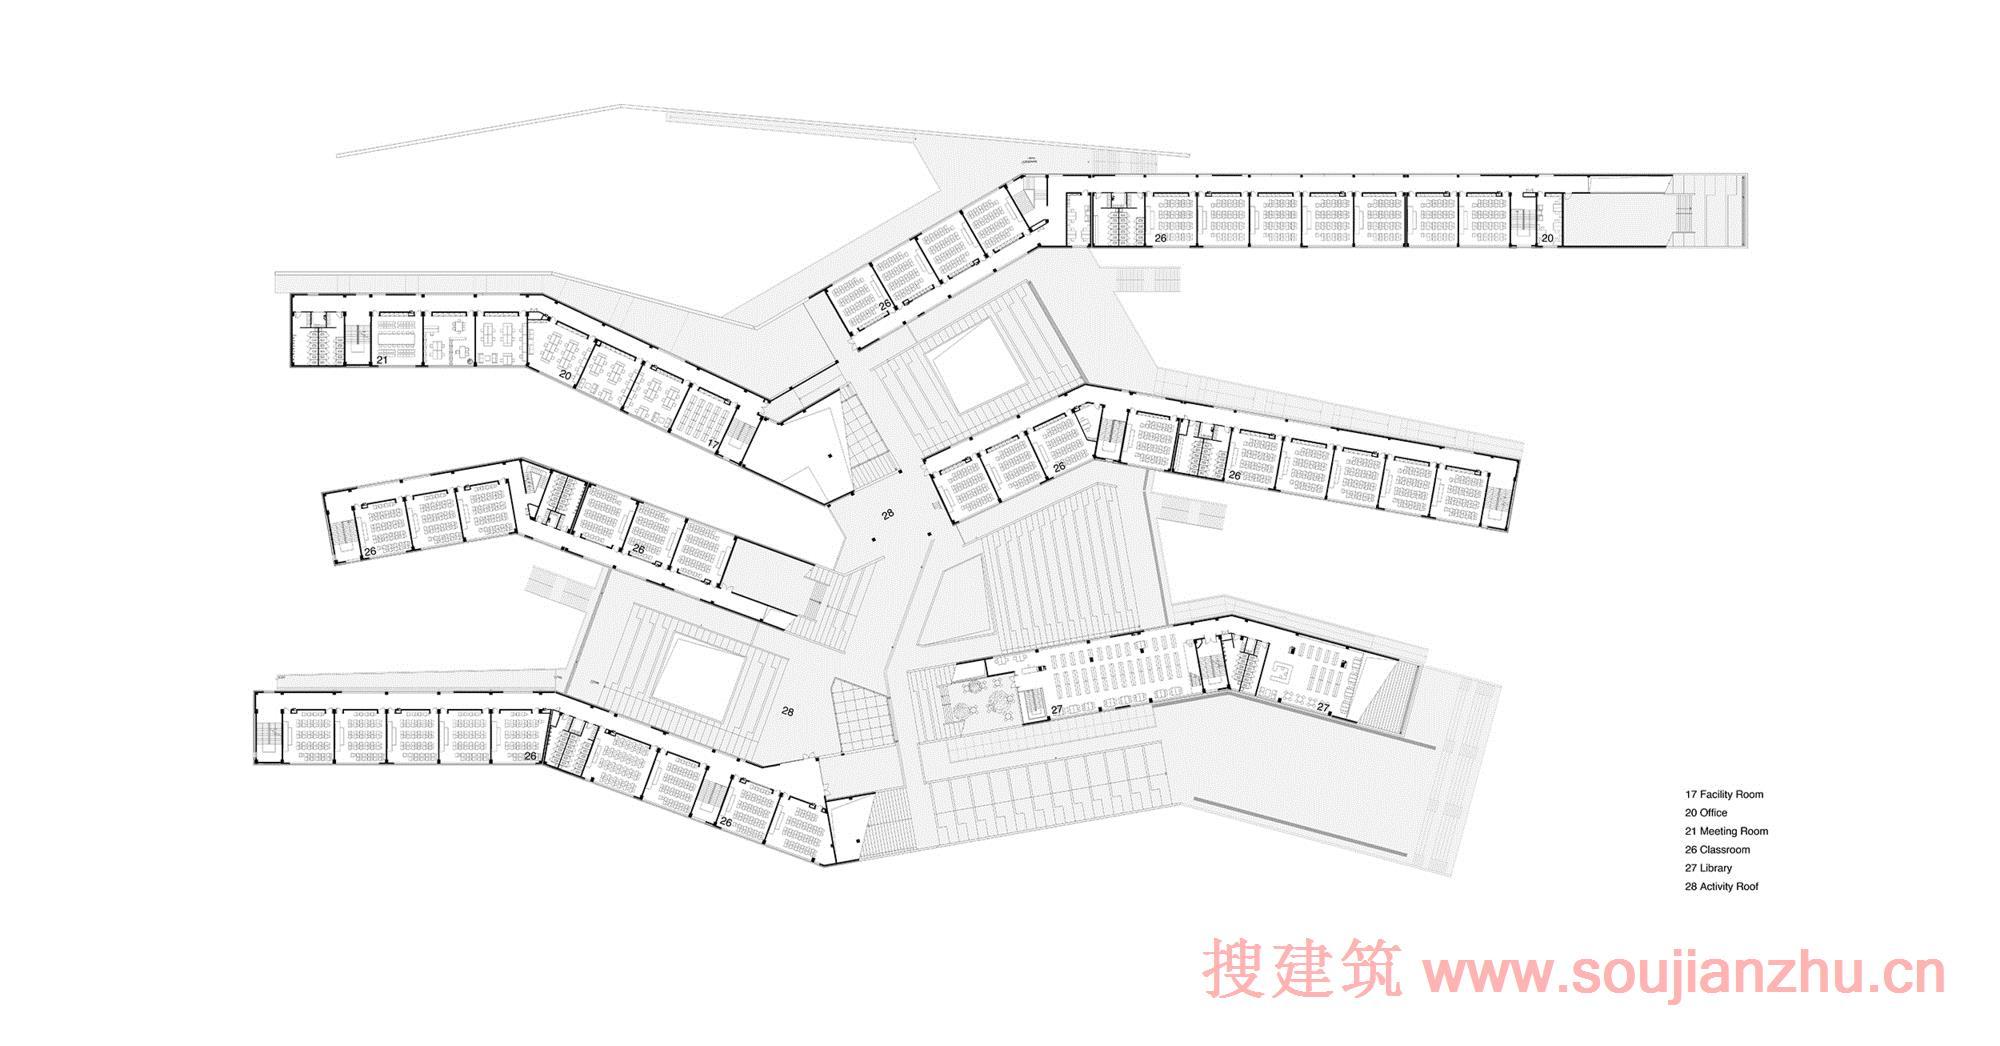 搜建筑网 -- 山西·兴县120师学校---wau design